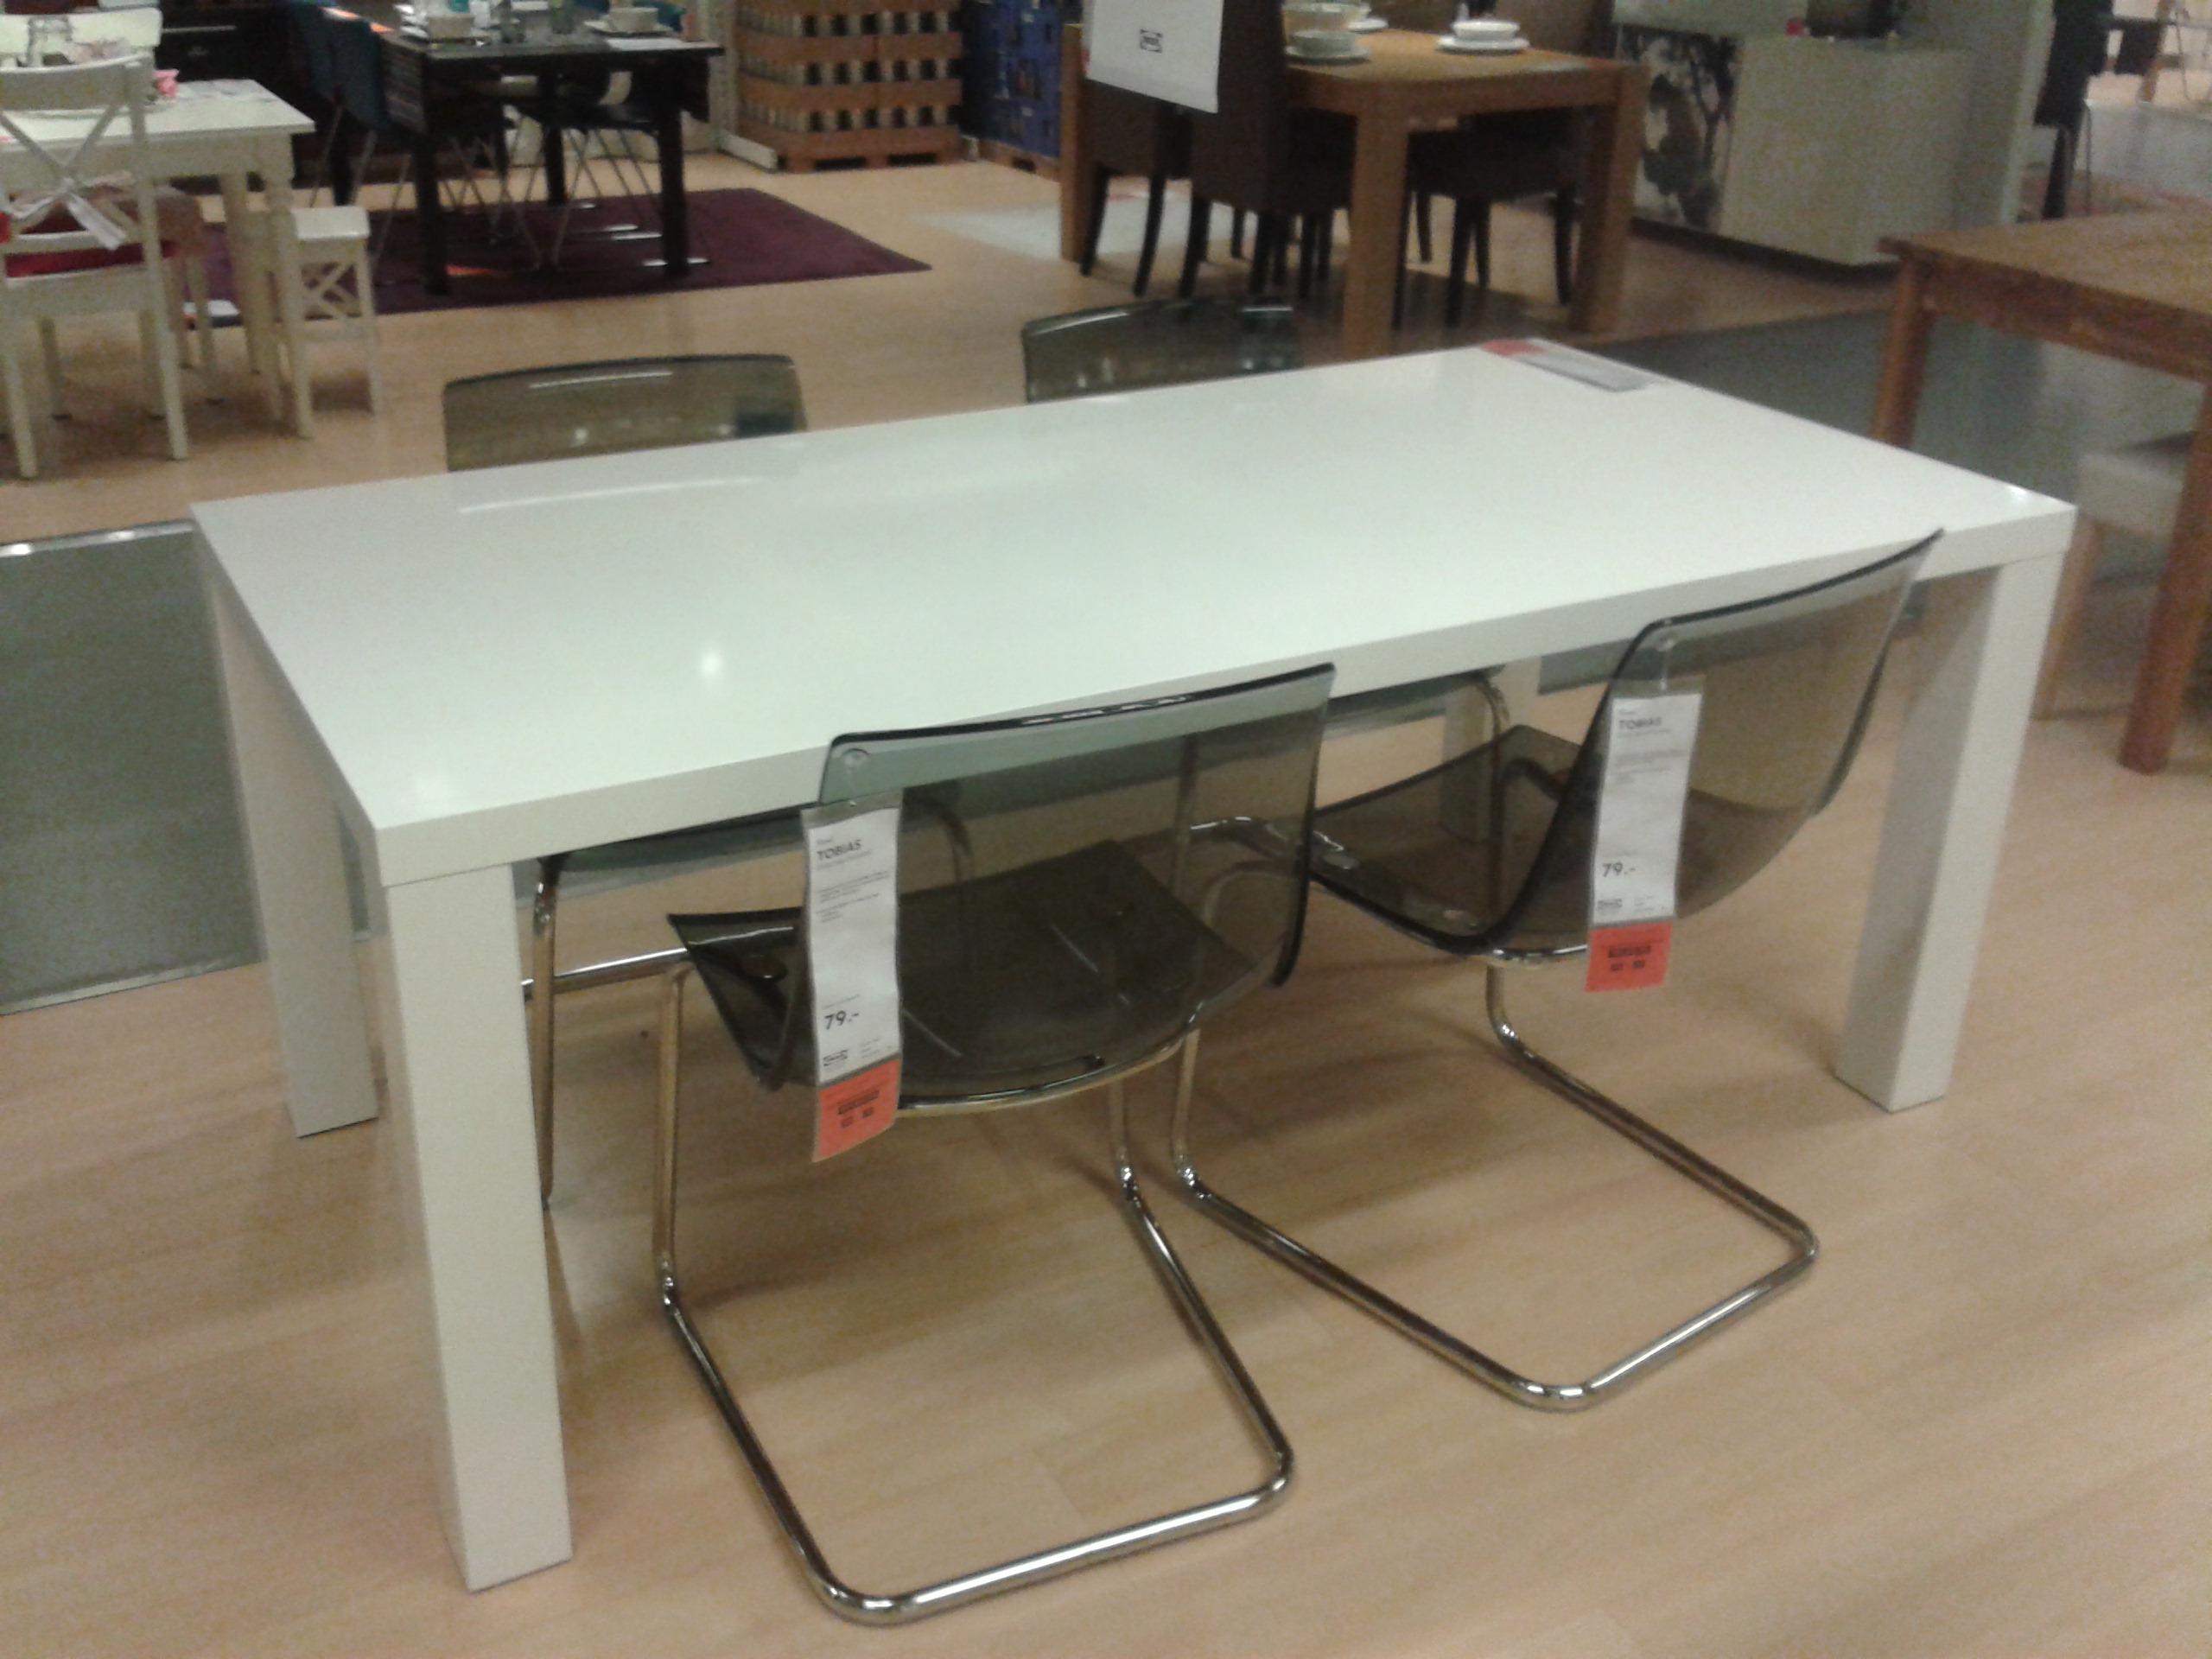 Ikea eettafel norden marktplaats eettafel bank wit finest eettafel